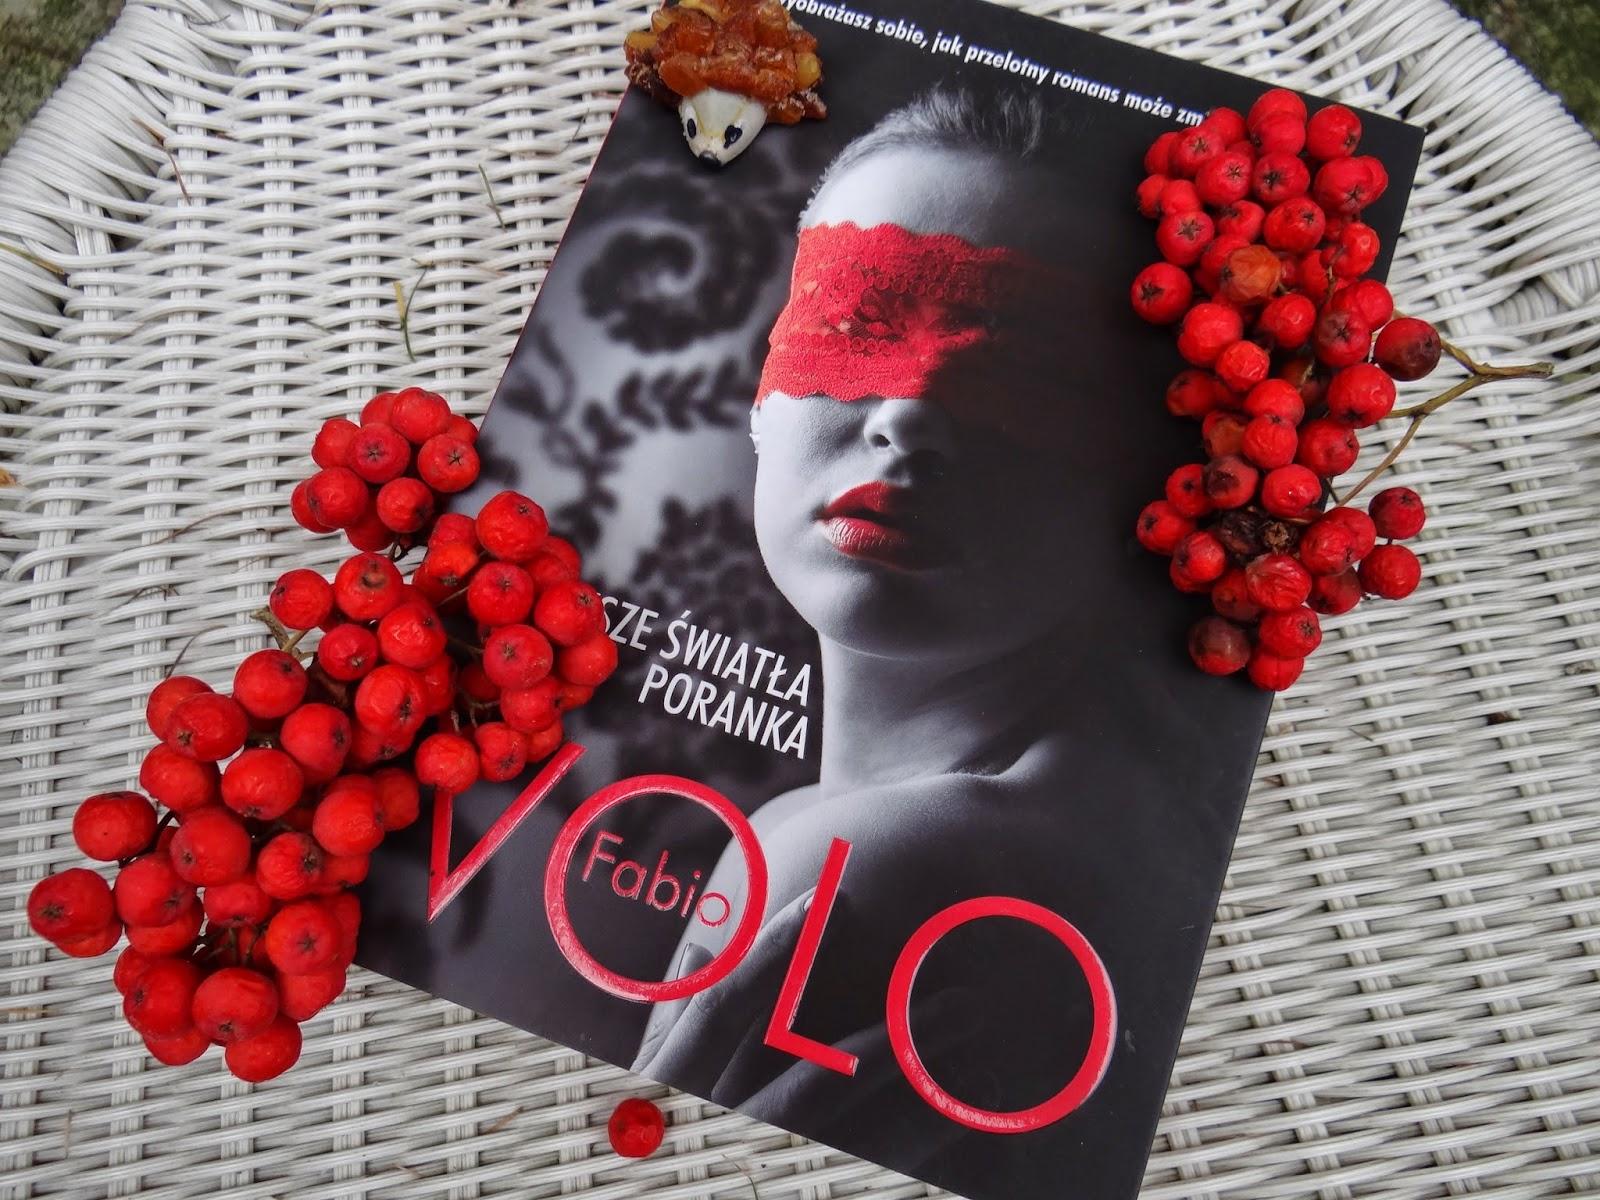 """Fabio Volo """"Pierwsze światła poranka"""" recenzja książki"""